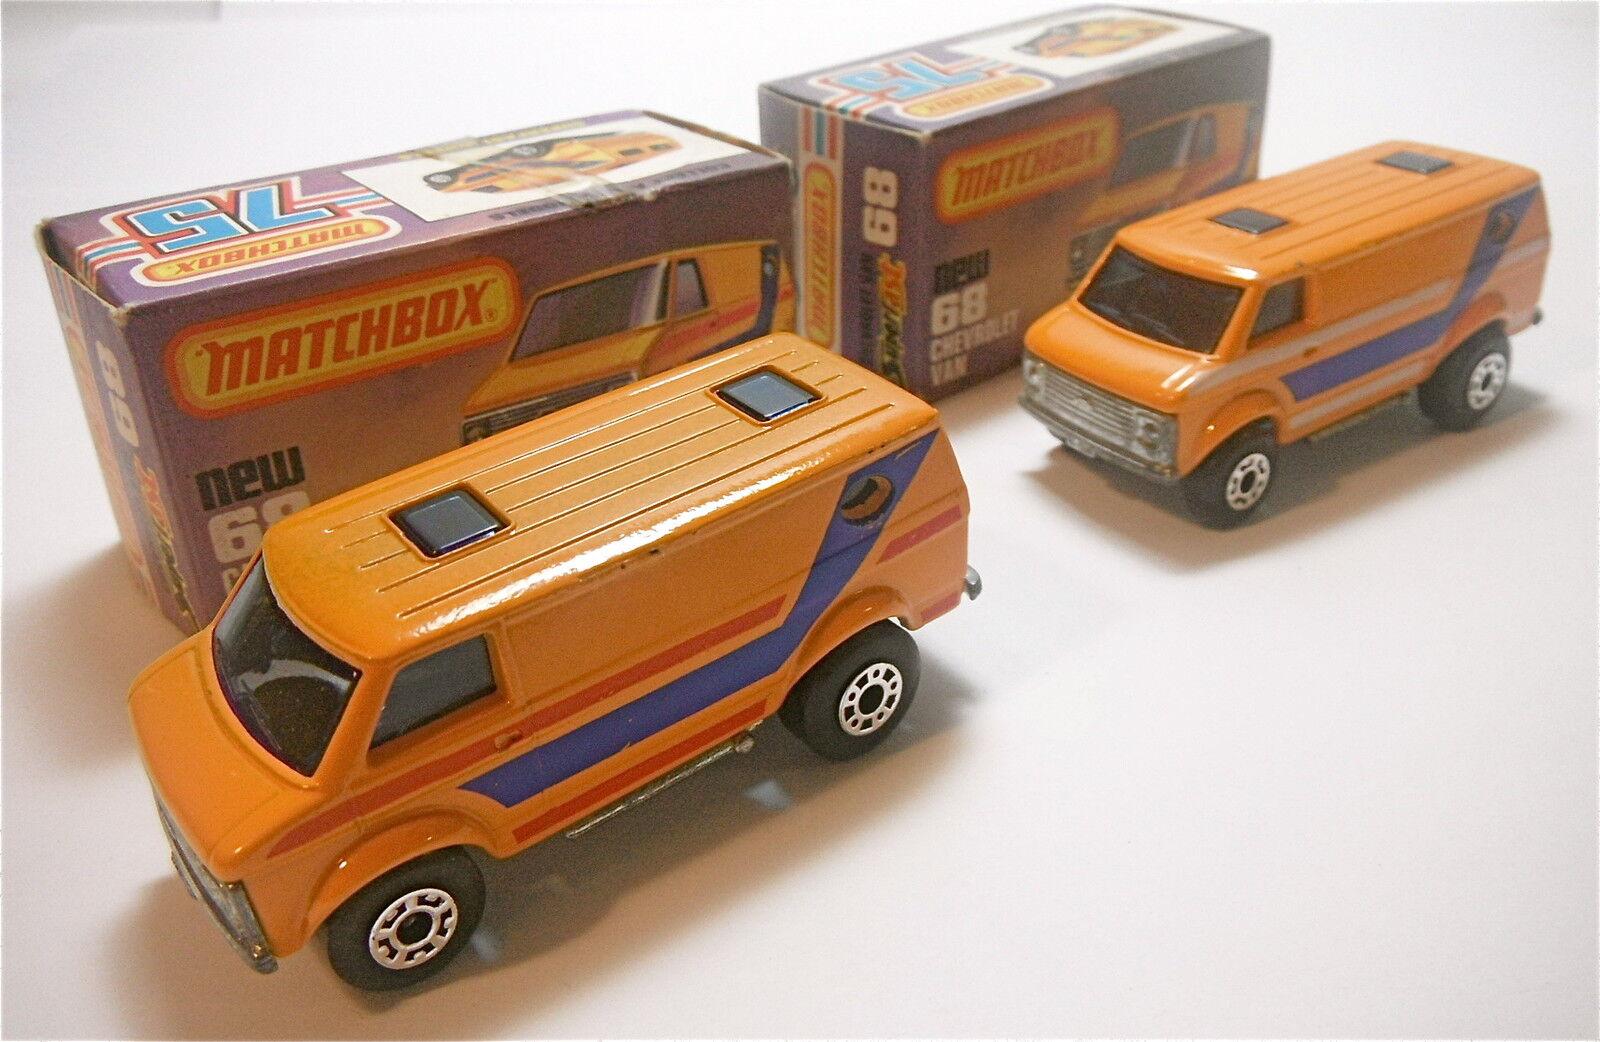 diseño simple y generoso 2 Vintage Vintage Vintage 1979 Matchbox Lesney Chevrolet Van   68 diferentes variaciones Nuevo En Caja  gran selección y entrega rápida